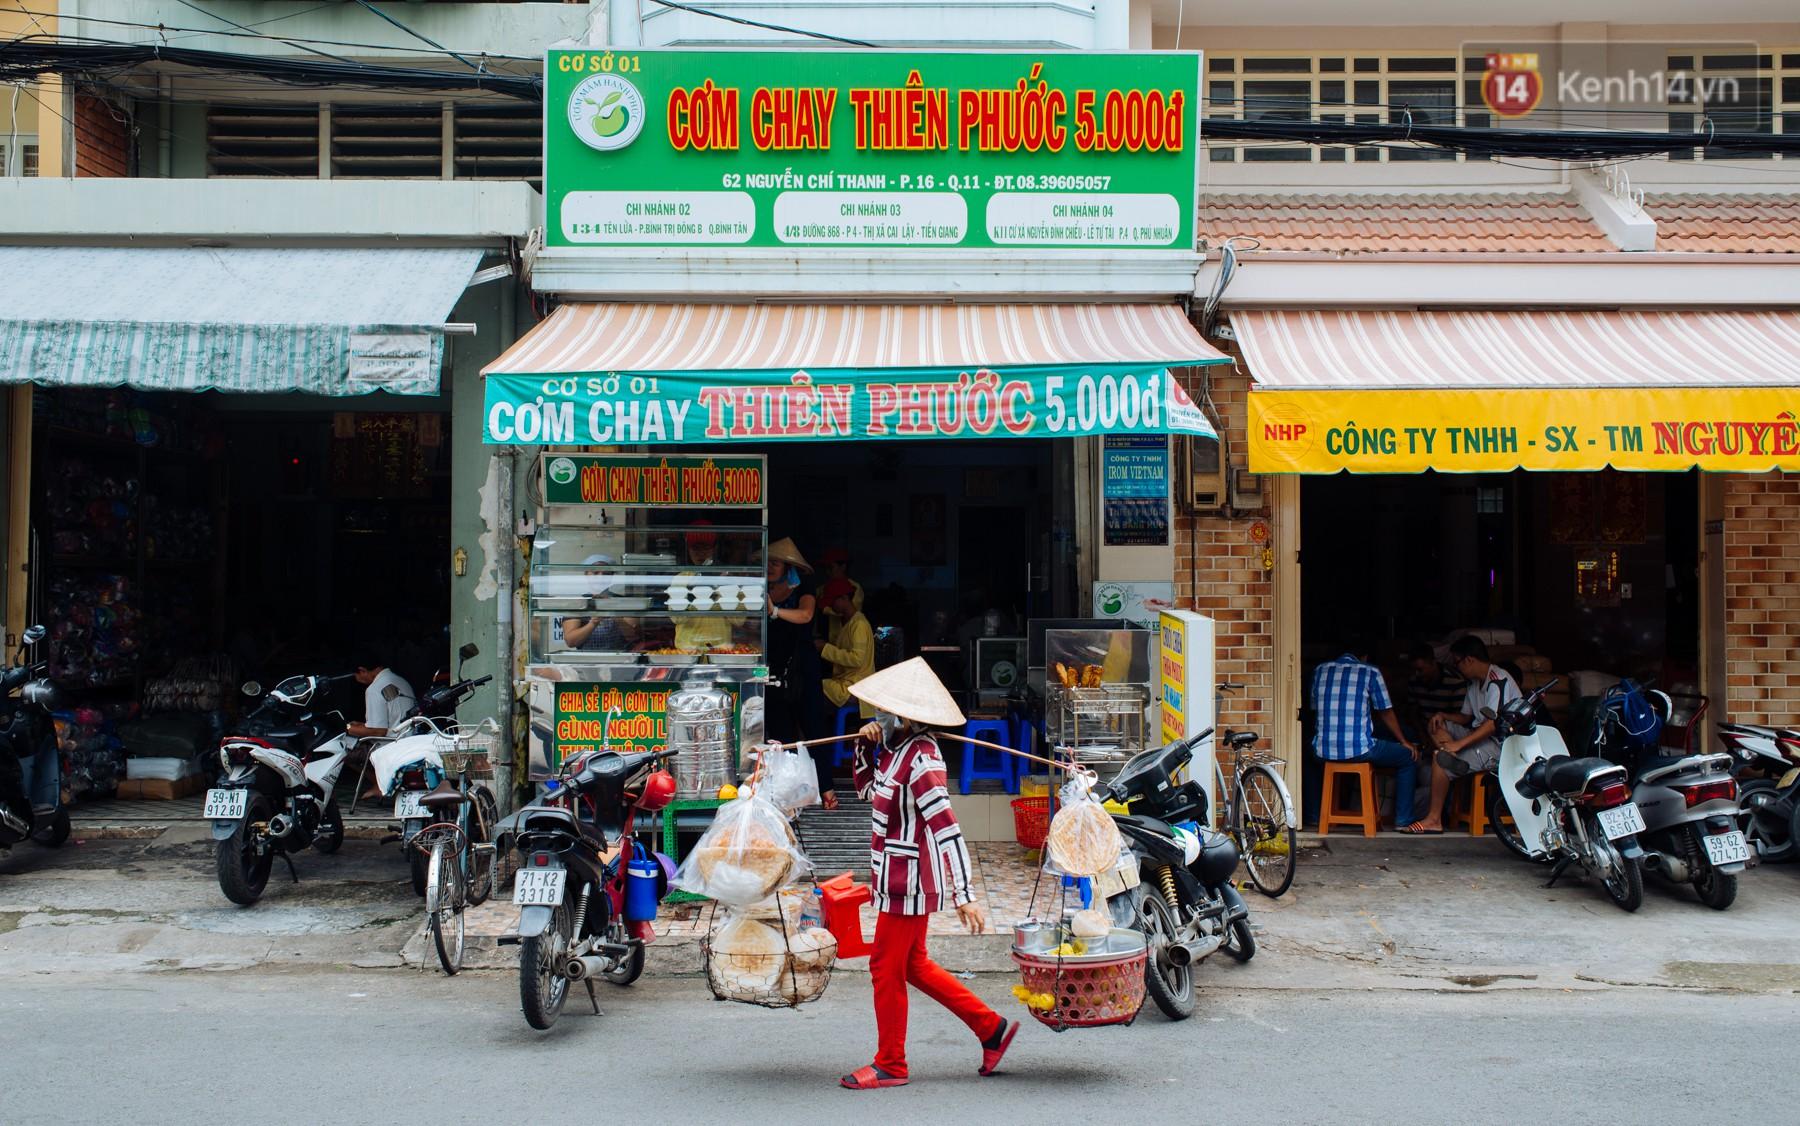 Giàu như anh bán chuối chiên Sài Gòn: Mở quán cơm 5k cho người thu nhập chưa cao, 5 năm đắt hàng - Ảnh 2.